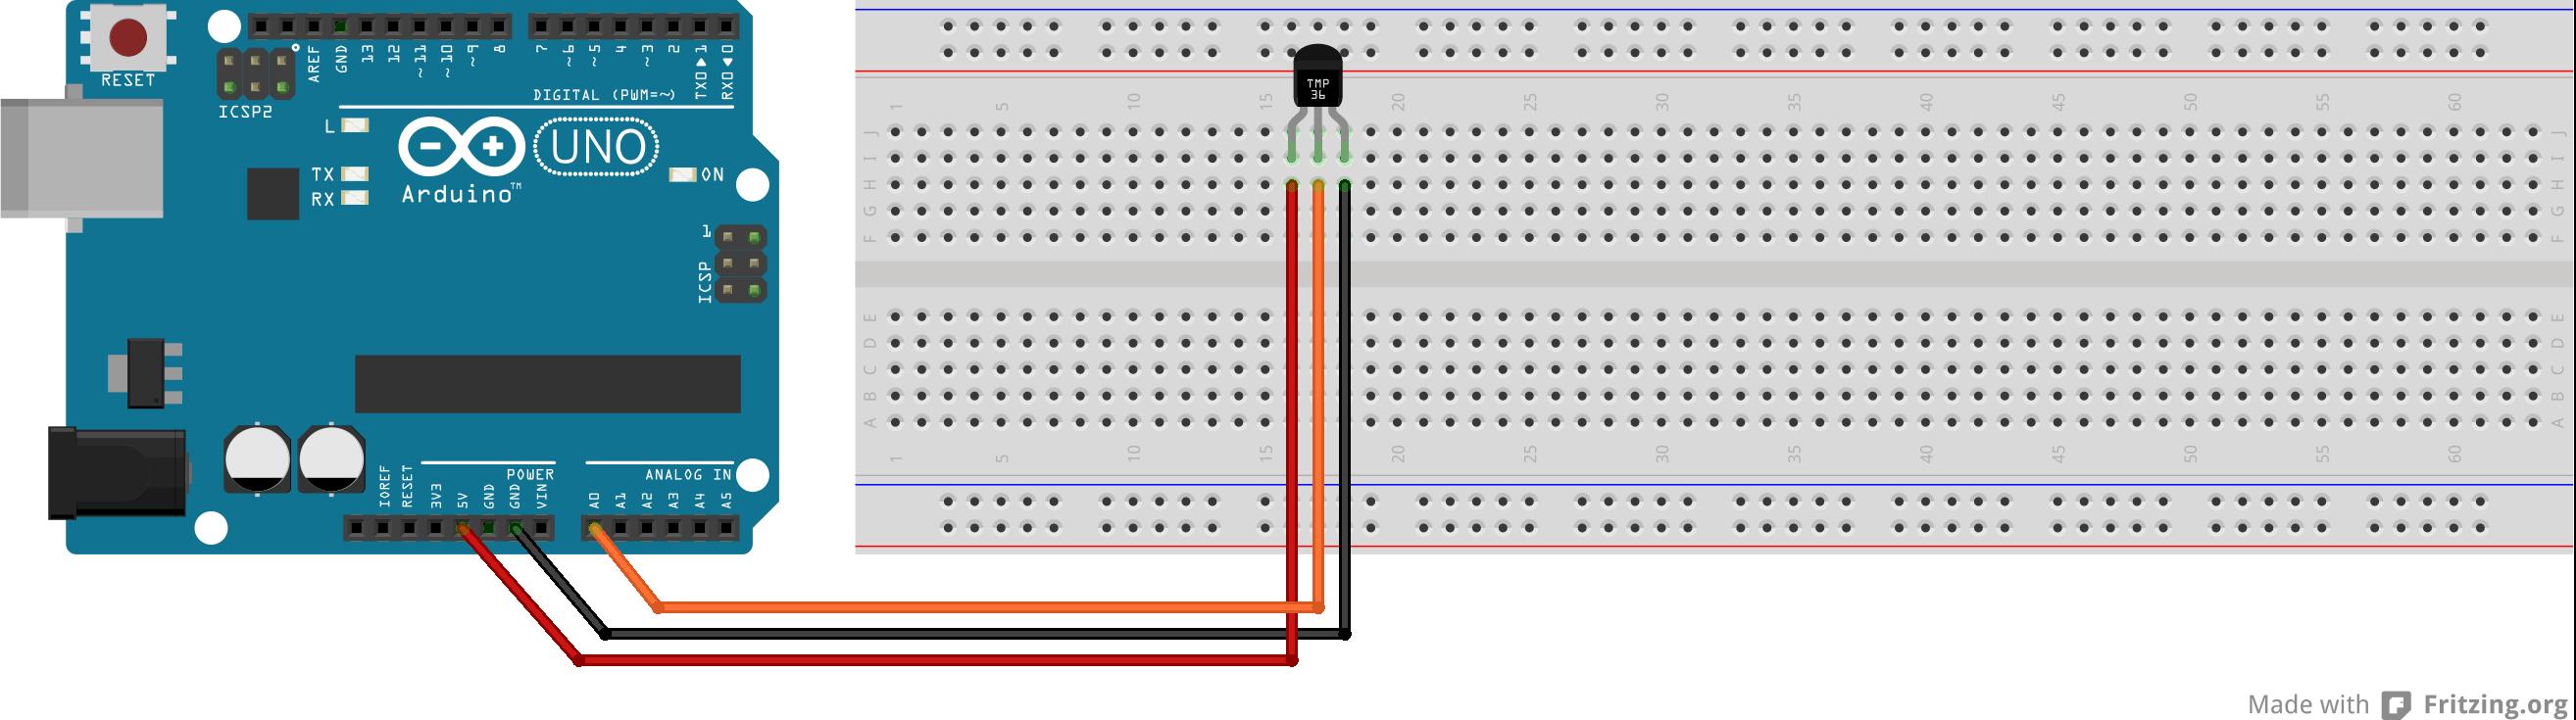 схема ацп датчик тока контроллер